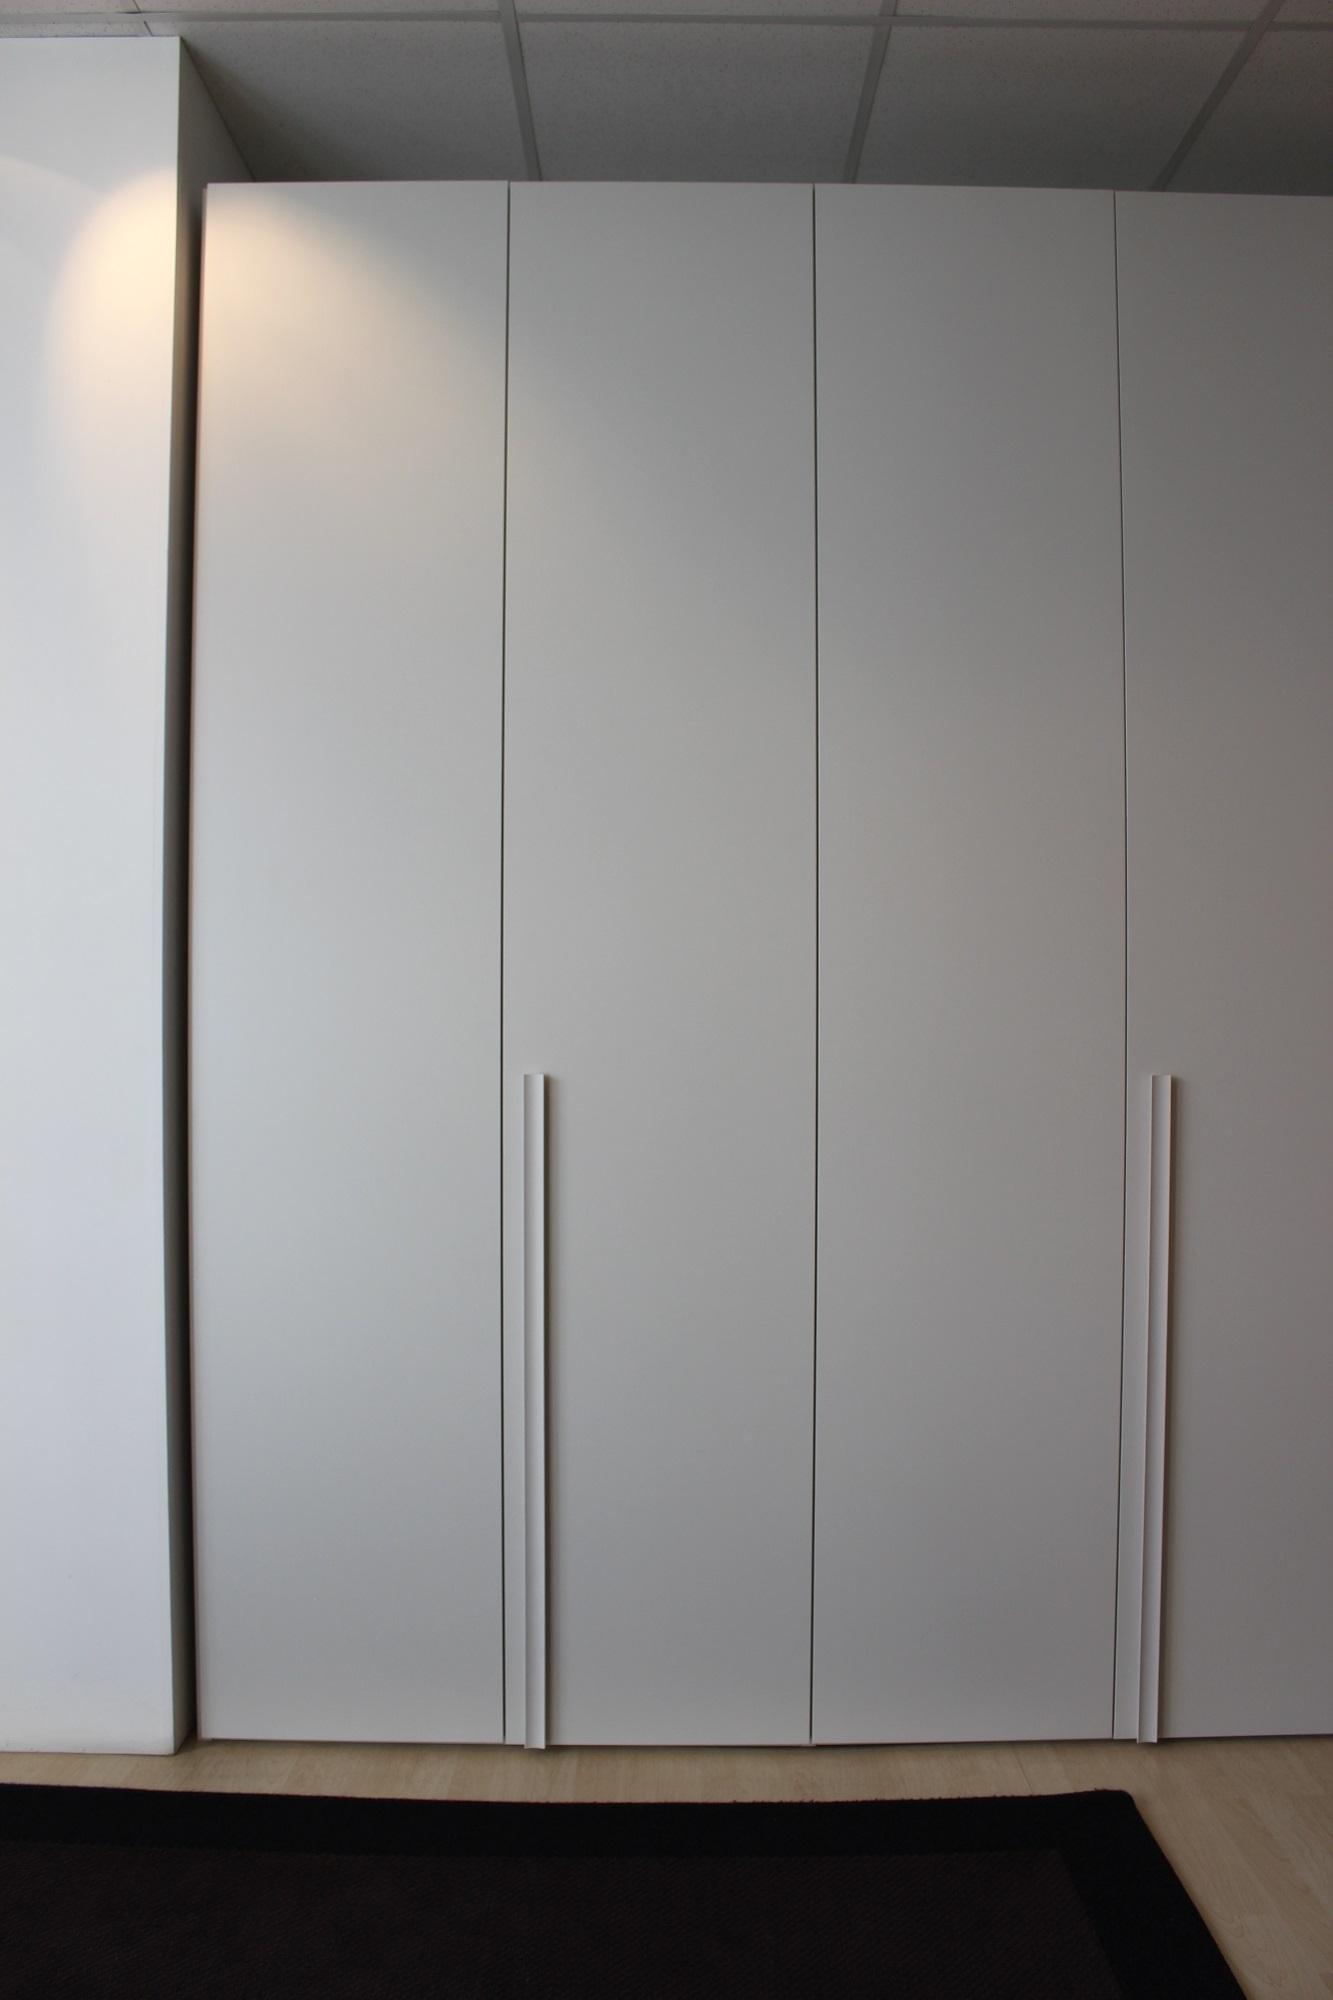 armadio novamobili anta liscia scontato del 50 armadi a prezzi scontati. Black Bedroom Furniture Sets. Home Design Ideas